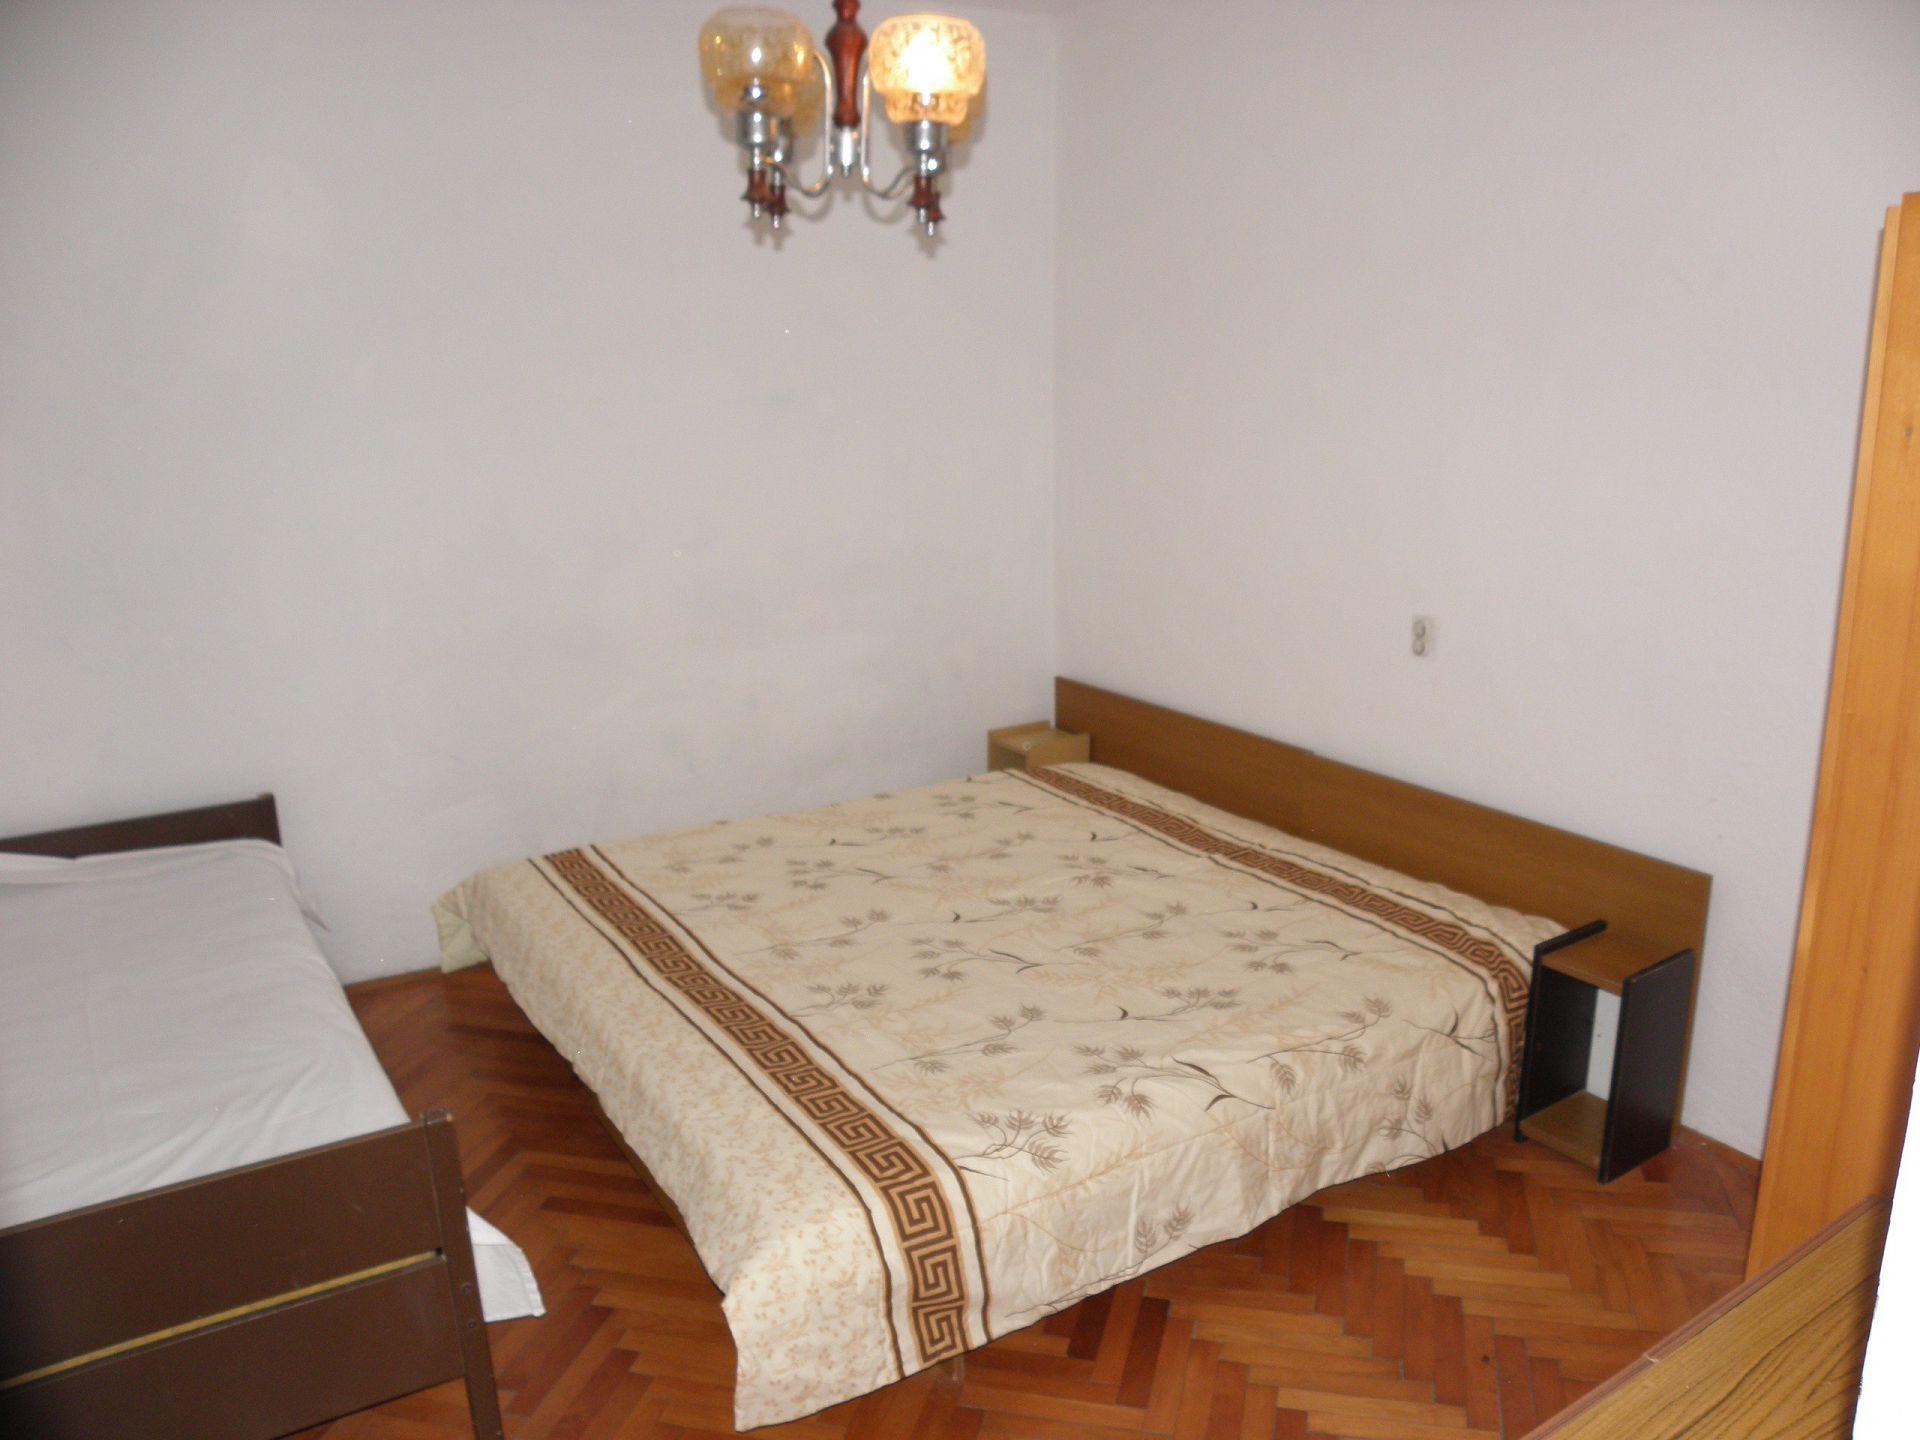 A3(2+2) bijeli: bedroom - Apartamenty  A3(2+2) bijeli 2902 - Wyspa Pag